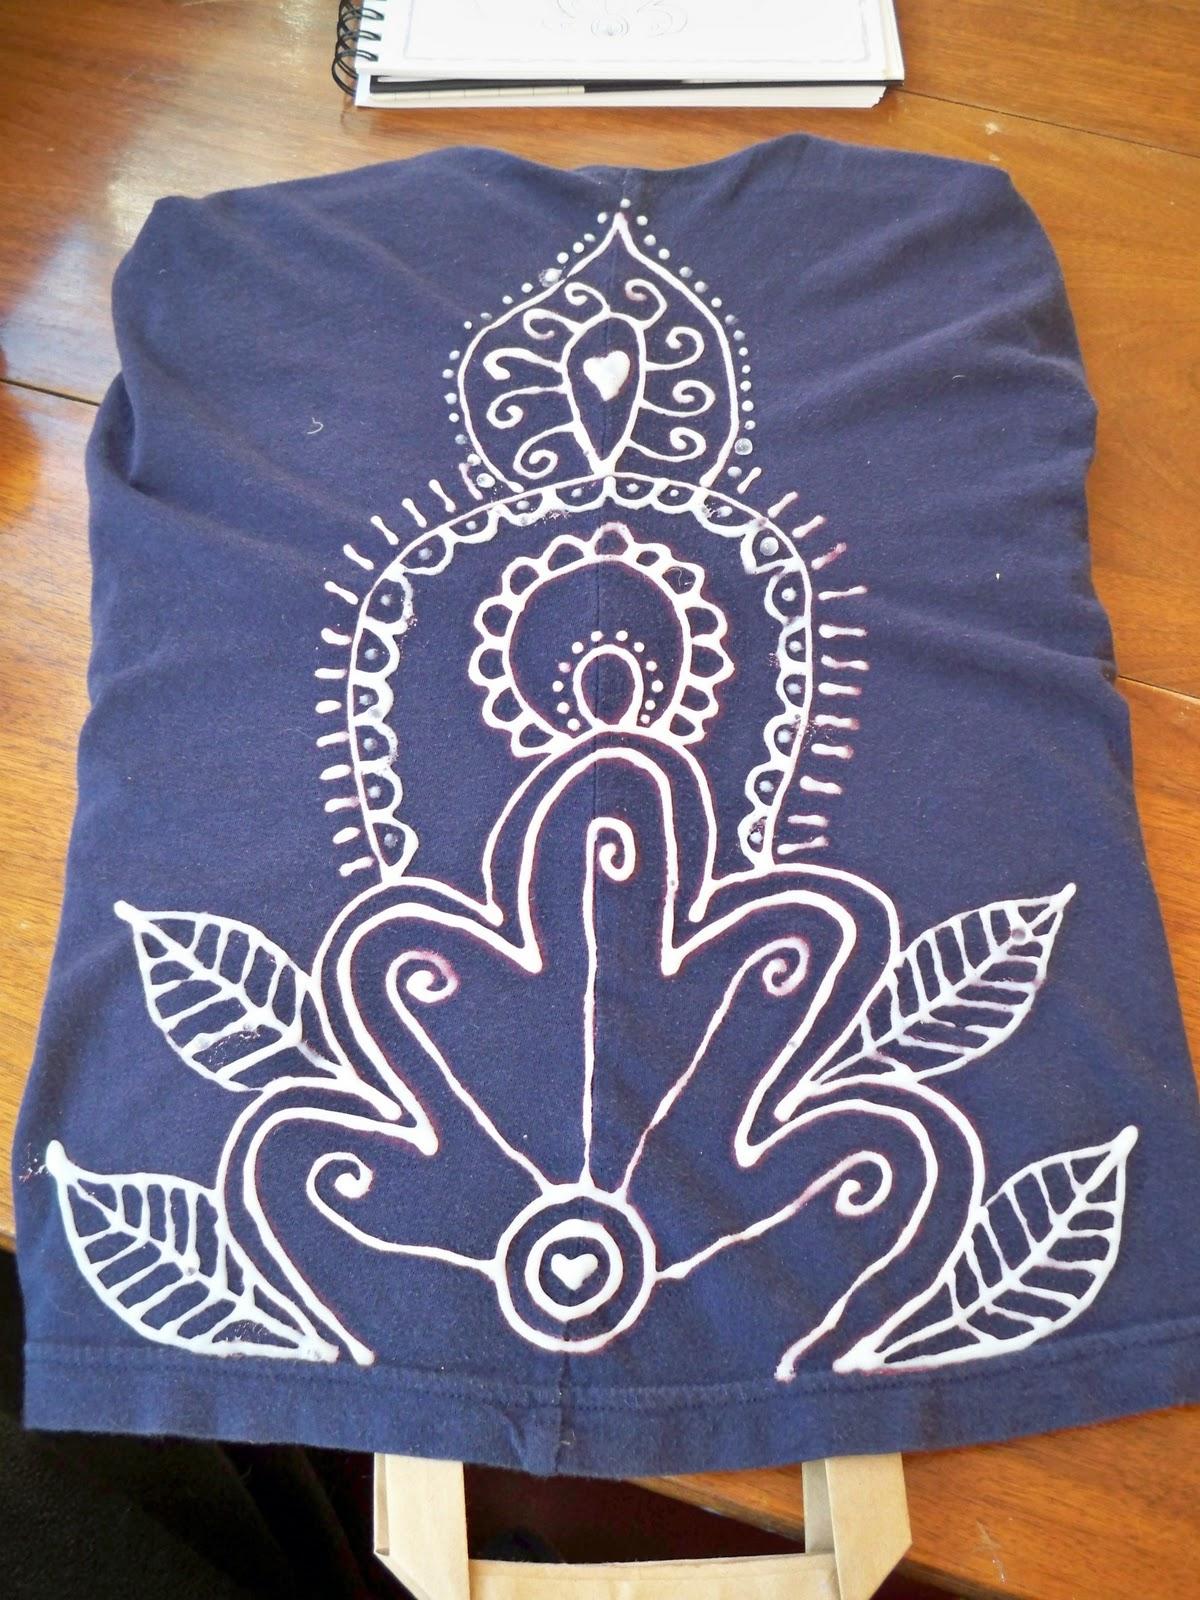 Shirt design using bleach - Bleach Ness